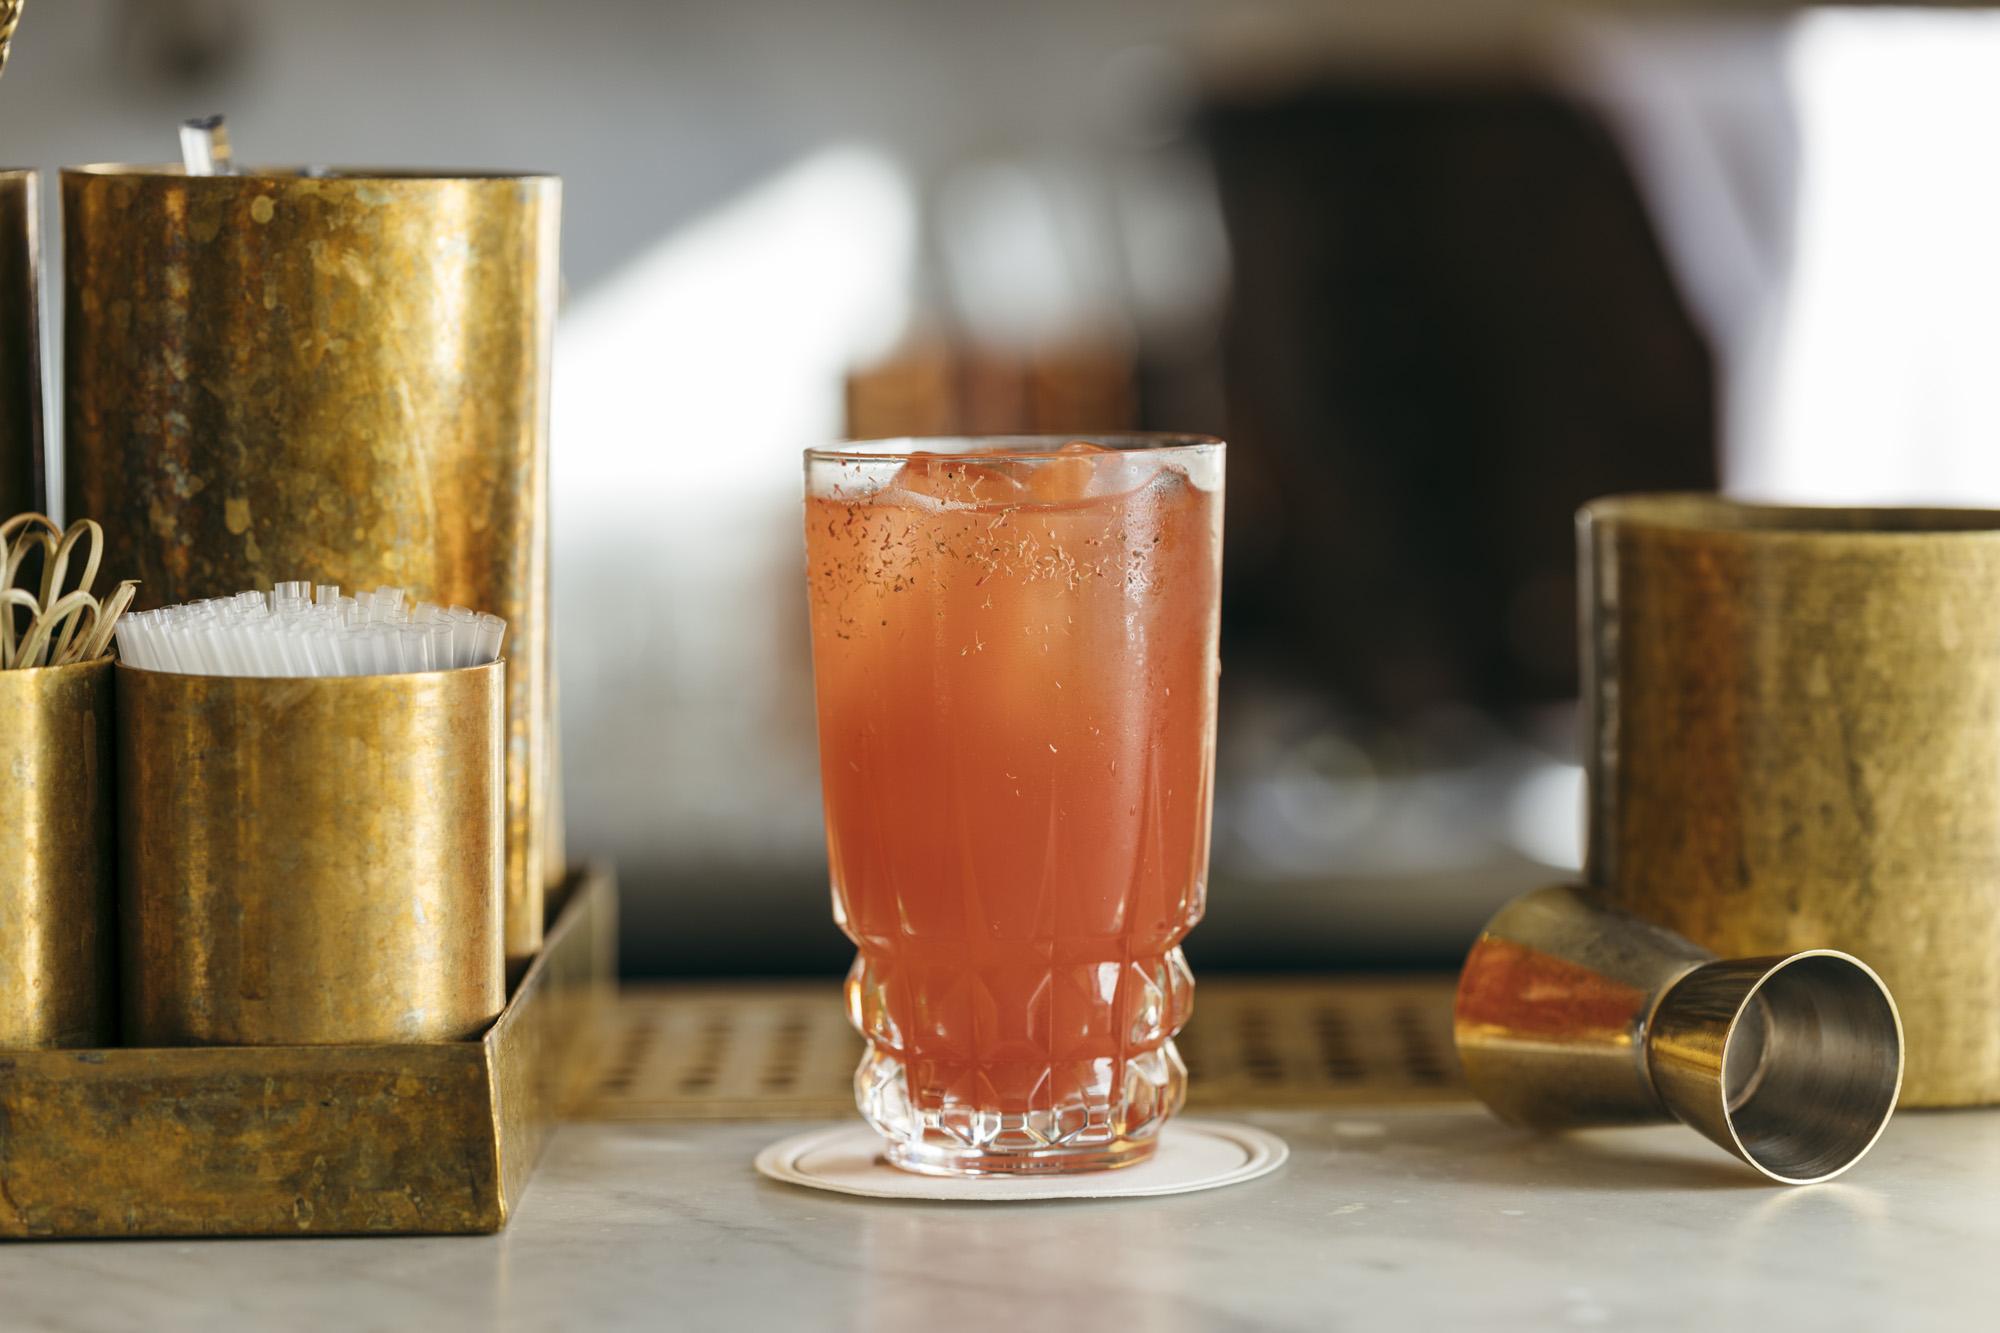 One of World's best bartender - online Media